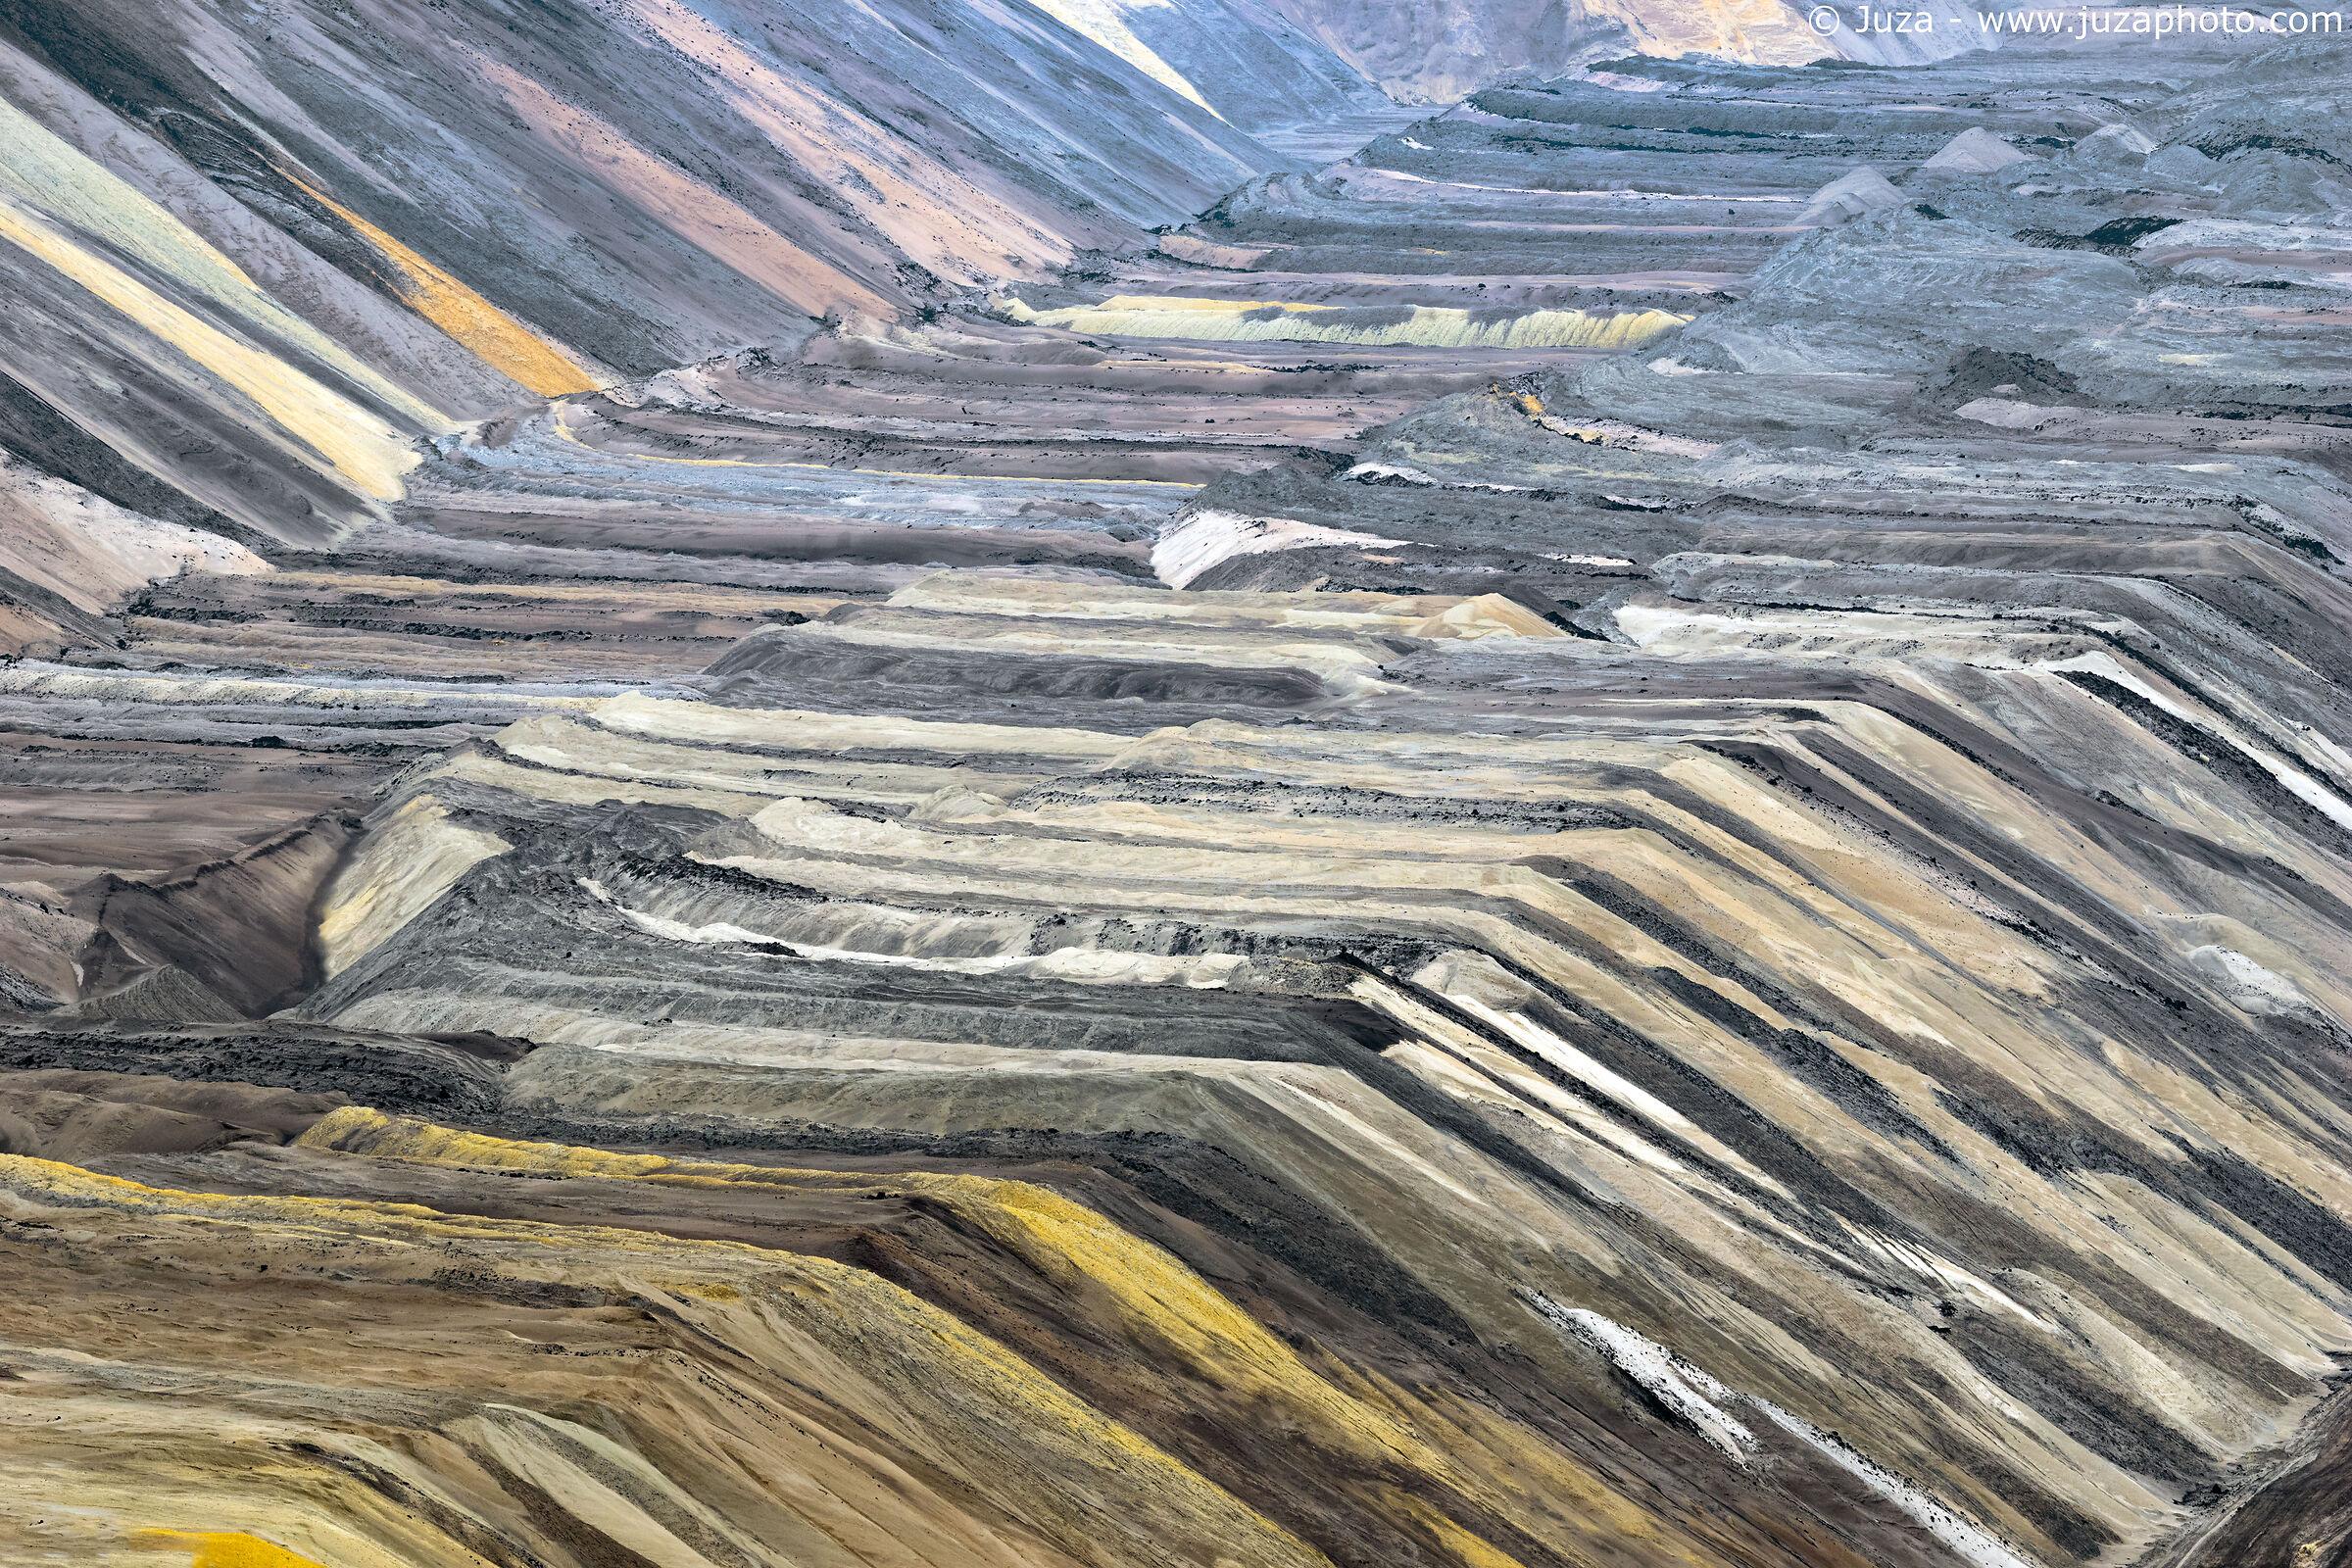 Miniera di Garzweiler, i colori della terra...